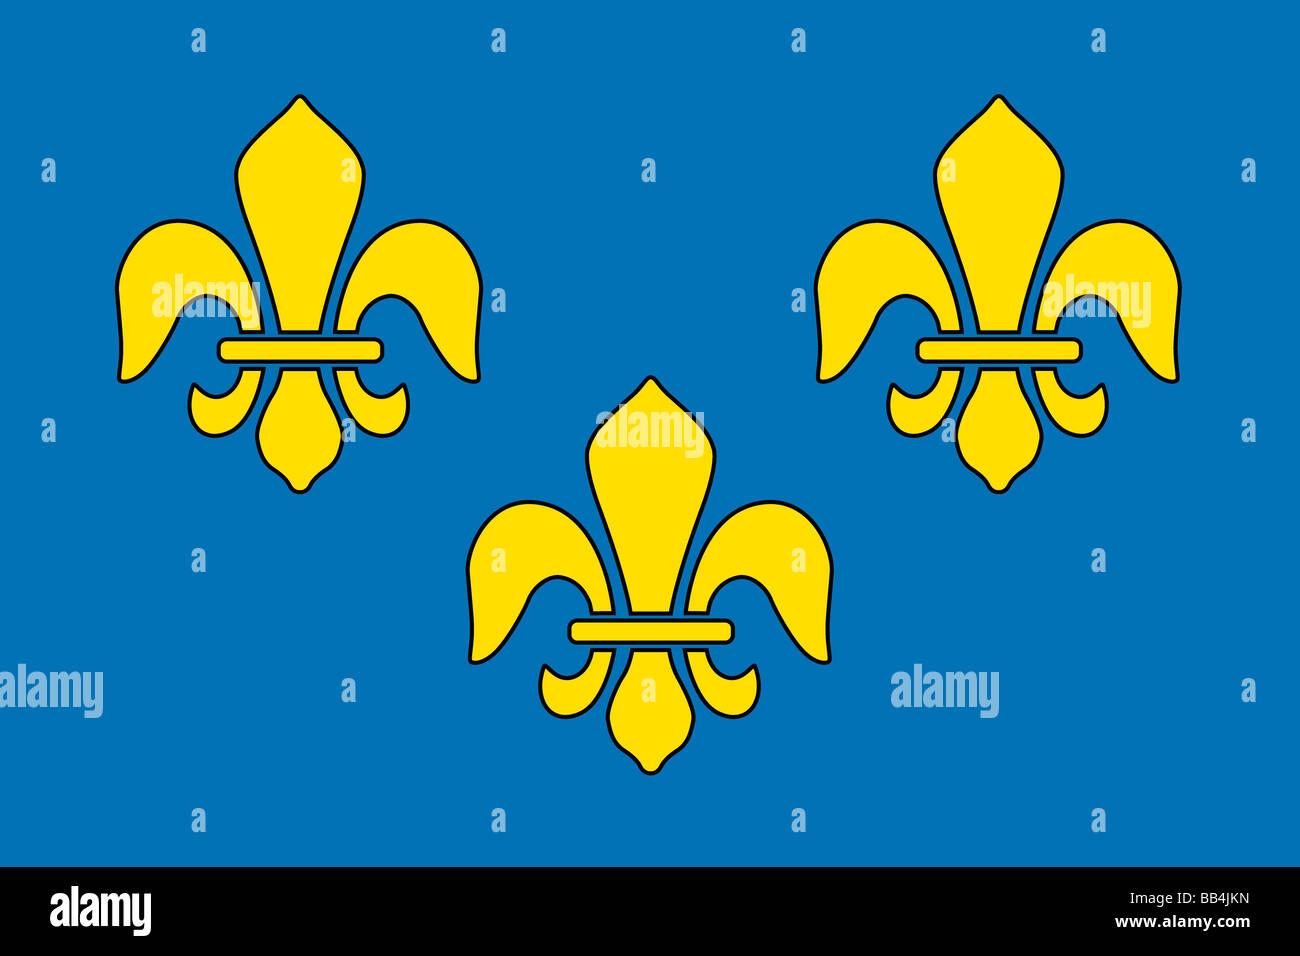 Storica bandiera della Francia, un paese in Europa, da circa 1370 a 1600. Immagini Stock